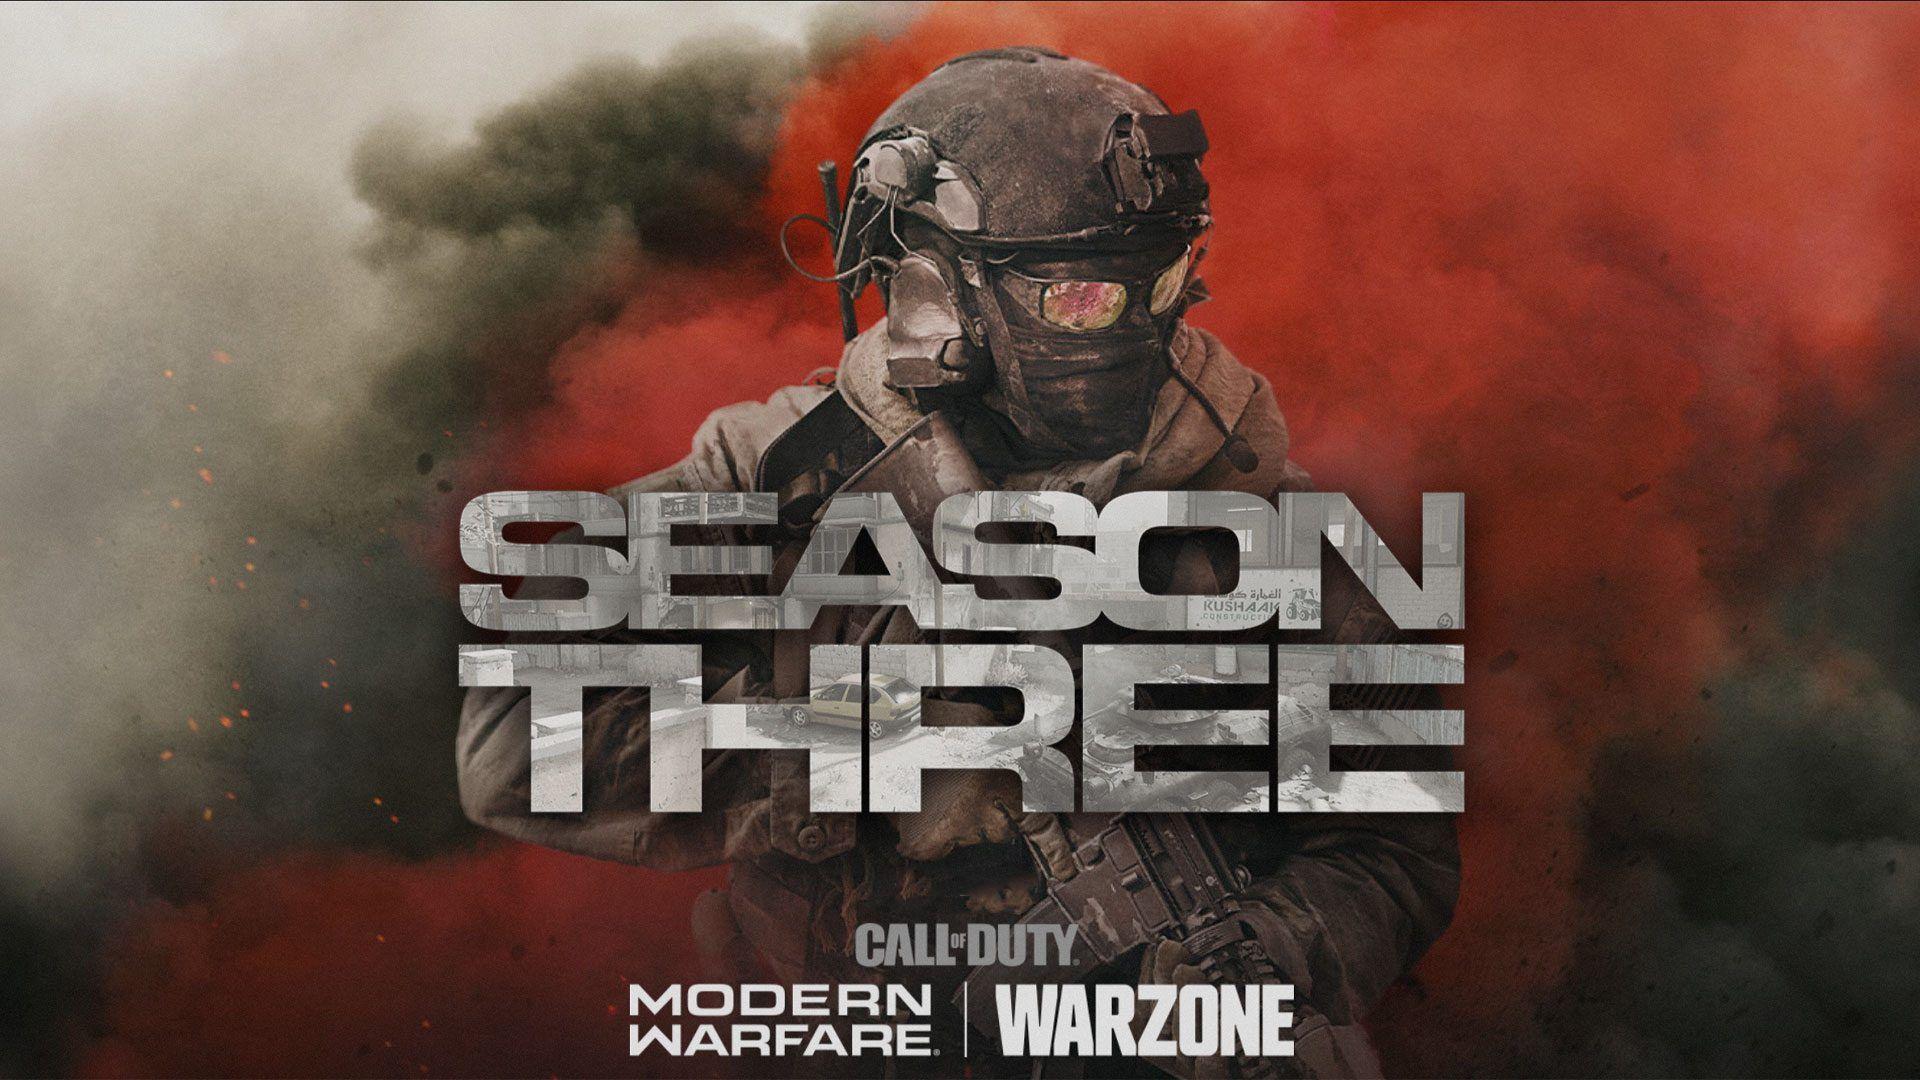 Call of Duty Modern Warfare Saison 3 Warzone Infinity Ward